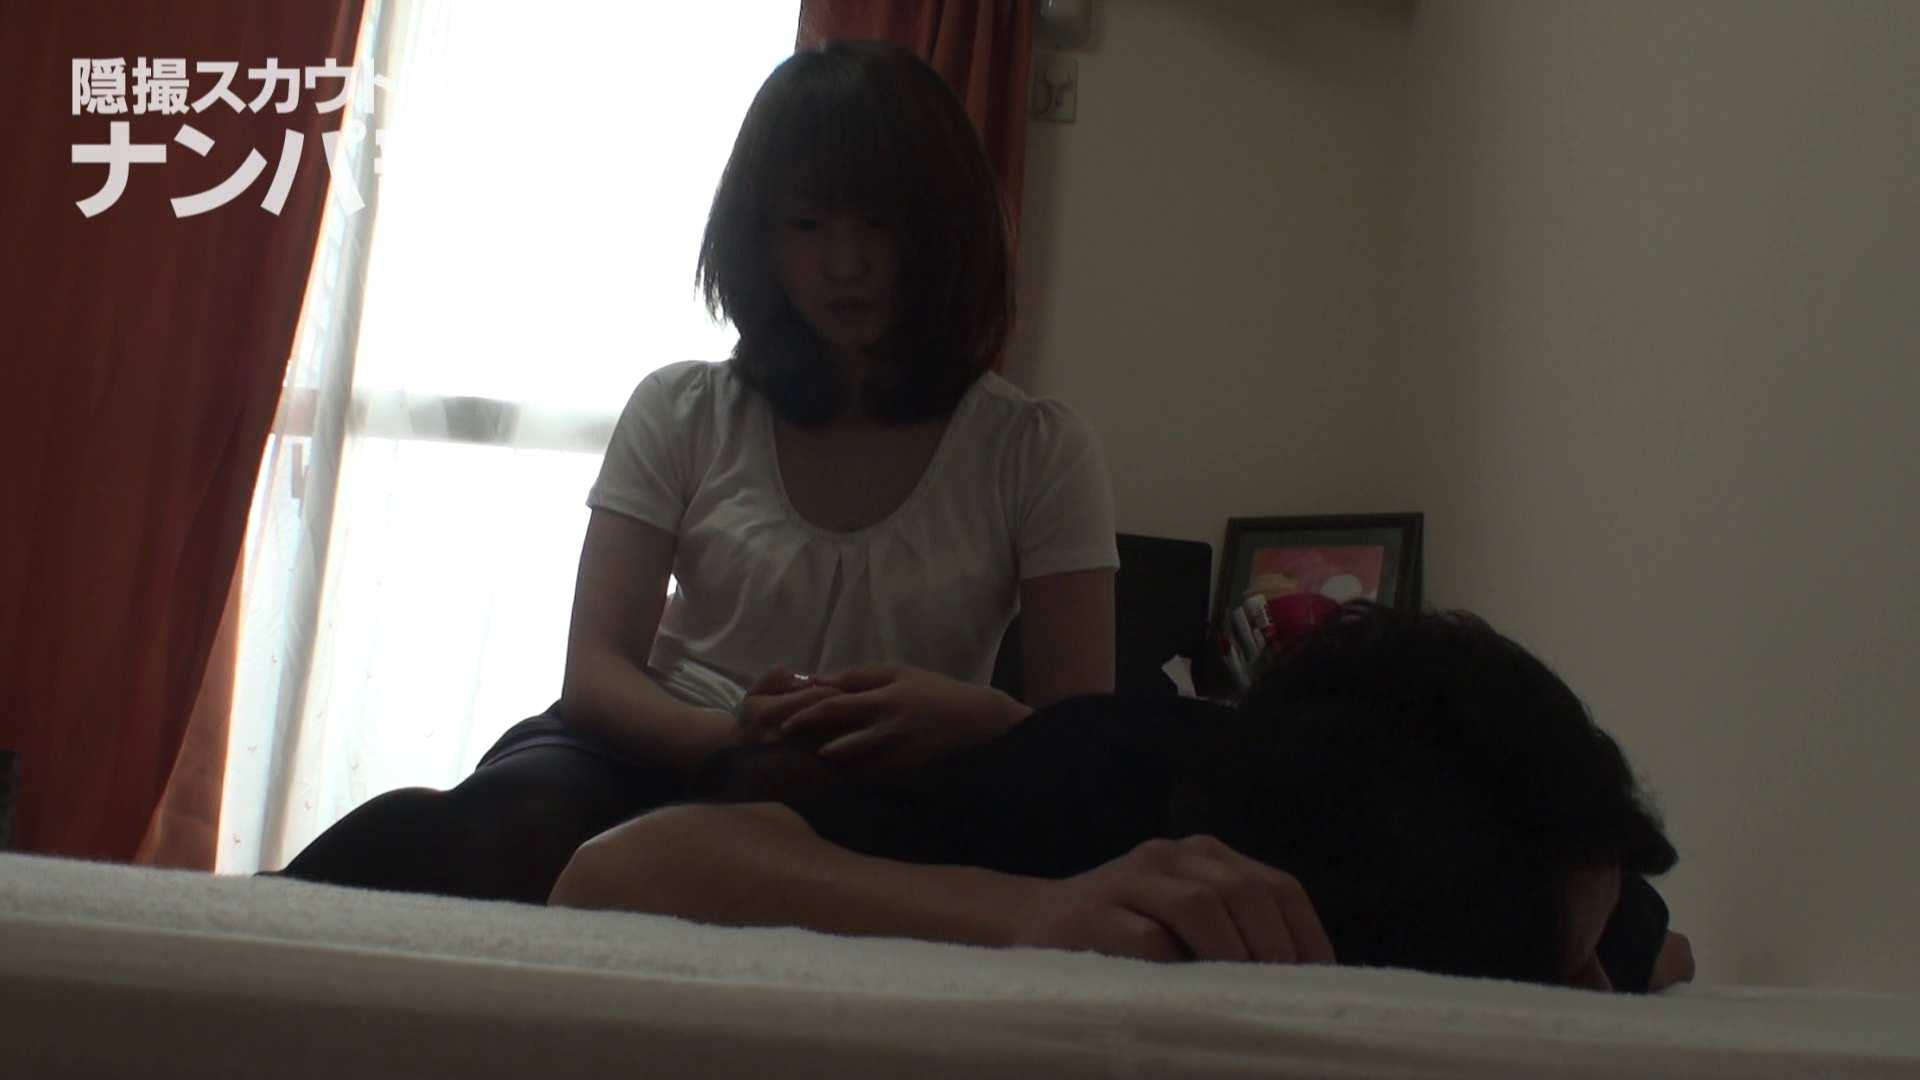 隠撮スカウトマンのナンパ部屋~風俗デビュー前のつまみ食い~ siivol.2 OL裸体 | ナンパ  58画像 7